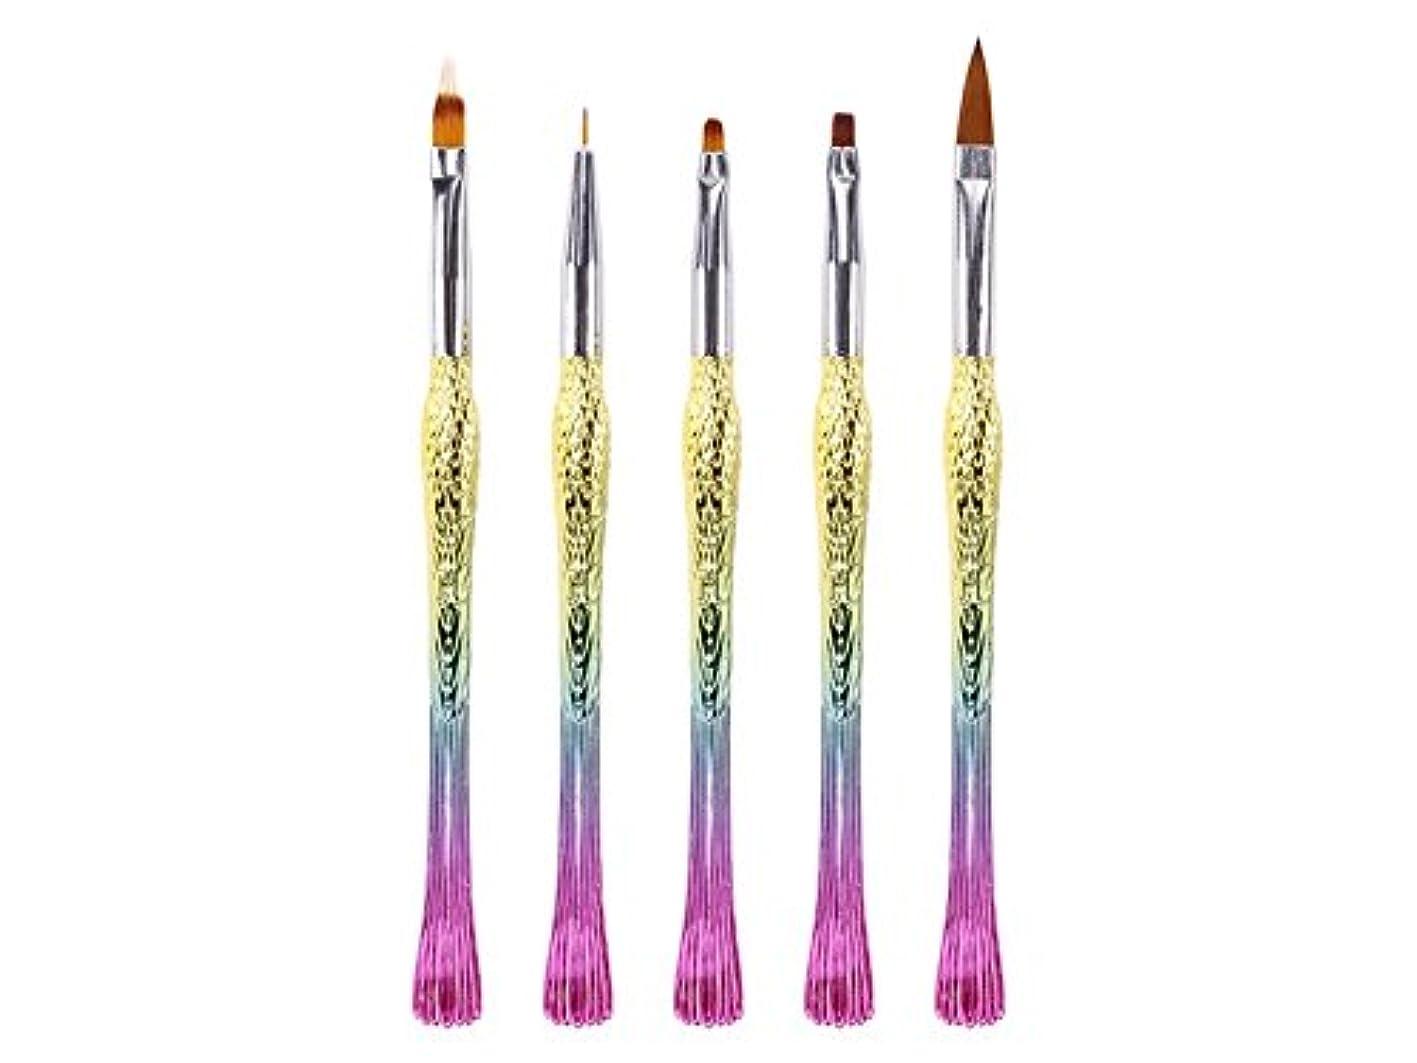 甥かける気づかないOsize ネイルペンは、ペン刻まれたペンフィッシュペン鳥ペンリッチグラデーションペン(カラフル)